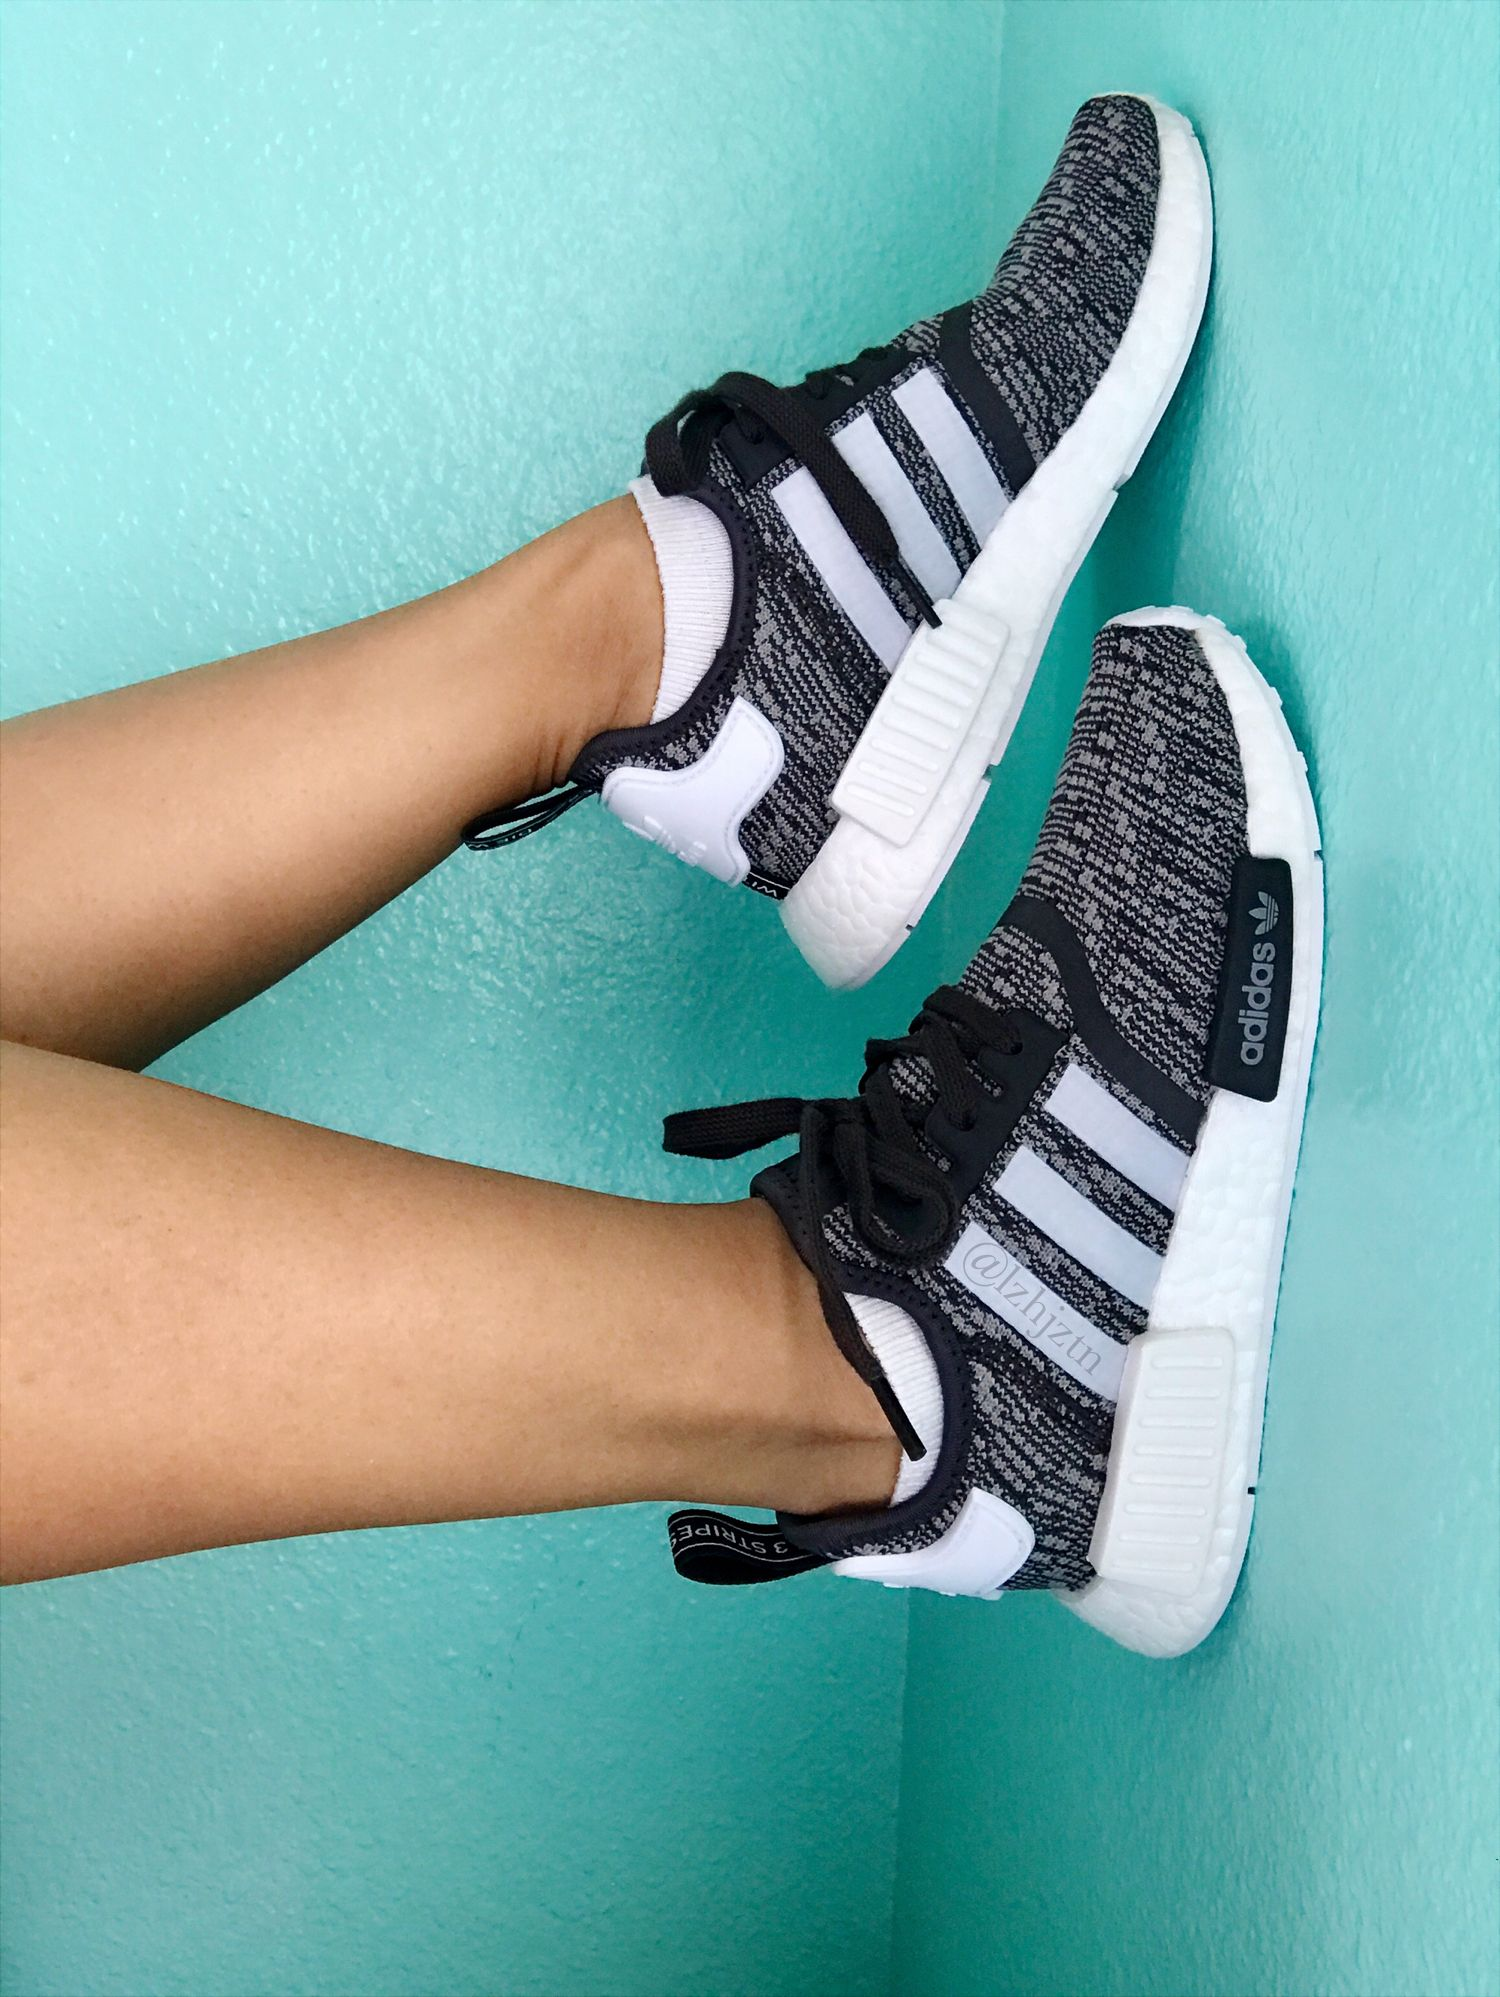 Finally got got Finally myself a pair 937c51